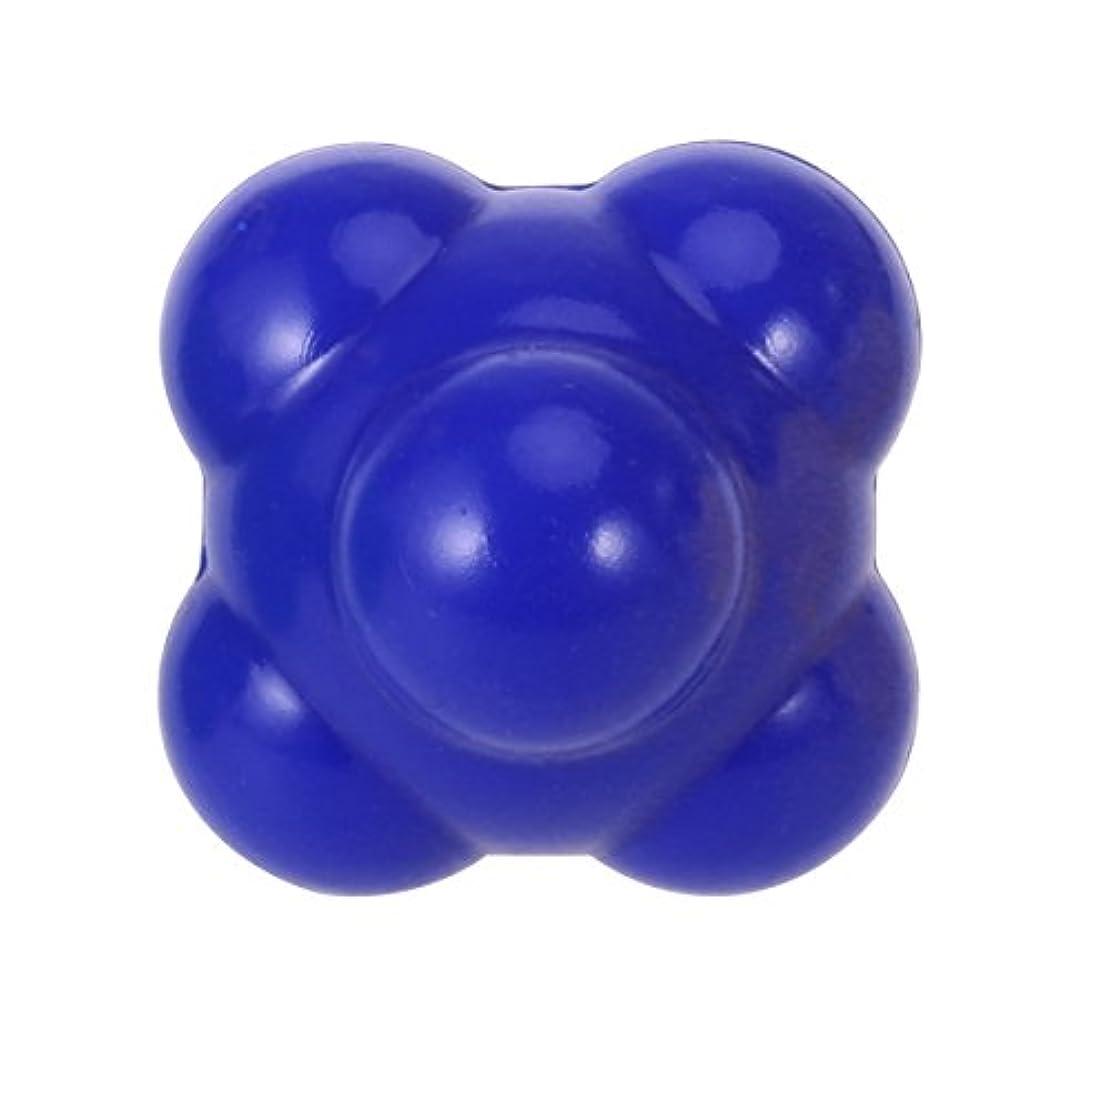 満了転用クレデンシャルROSENICE 敏捷性ボール58mm優れたハンドアイ配位の開発(ブルー)